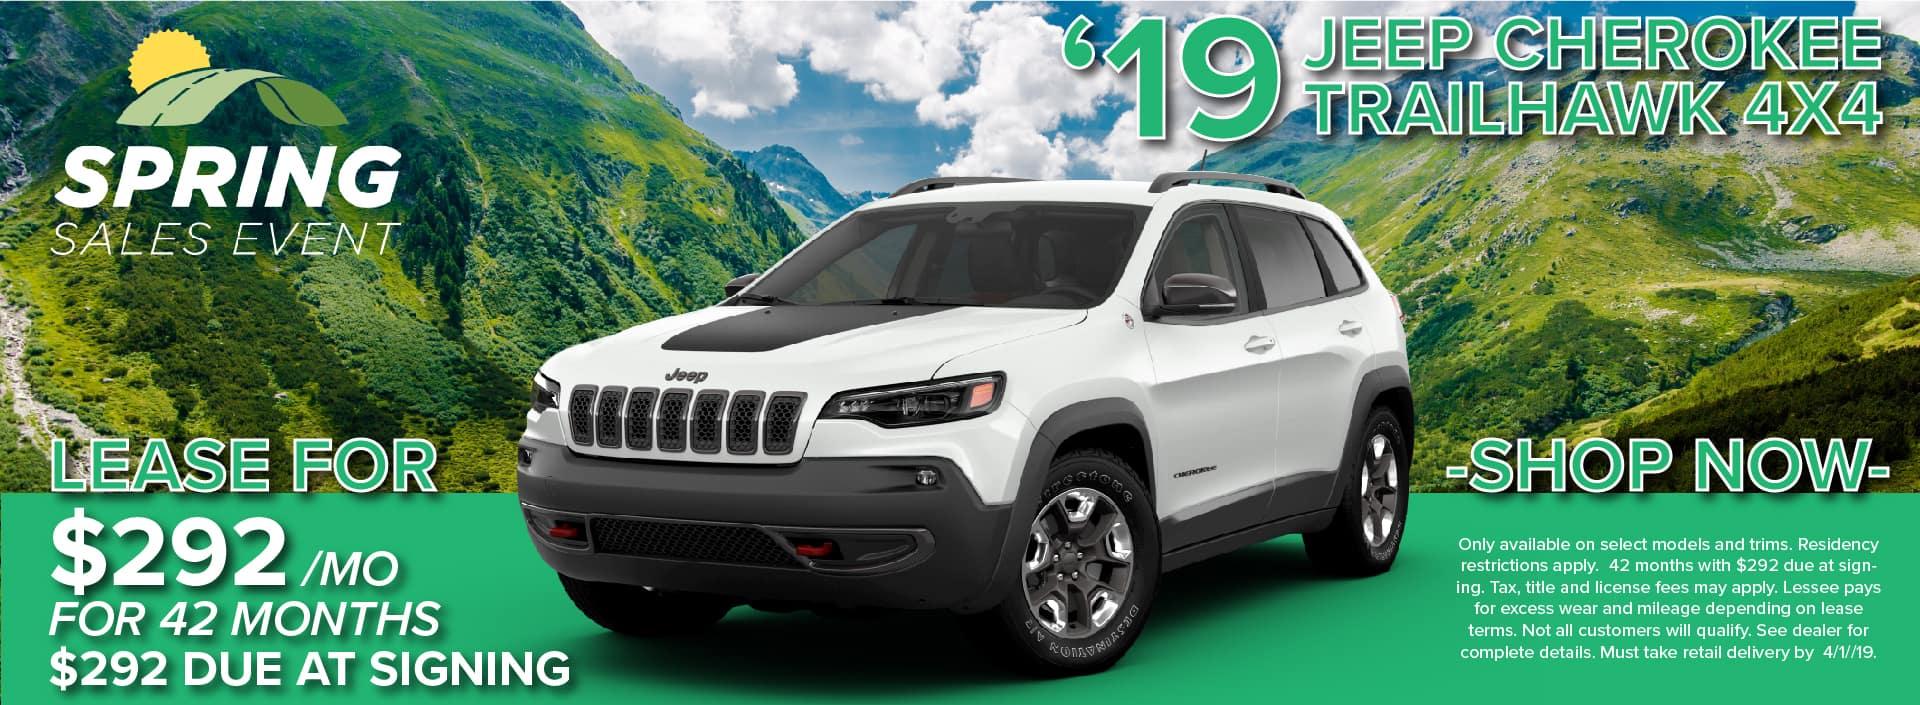 2019 Jeep Cherokee Lease and Specials in Boulder Colorado